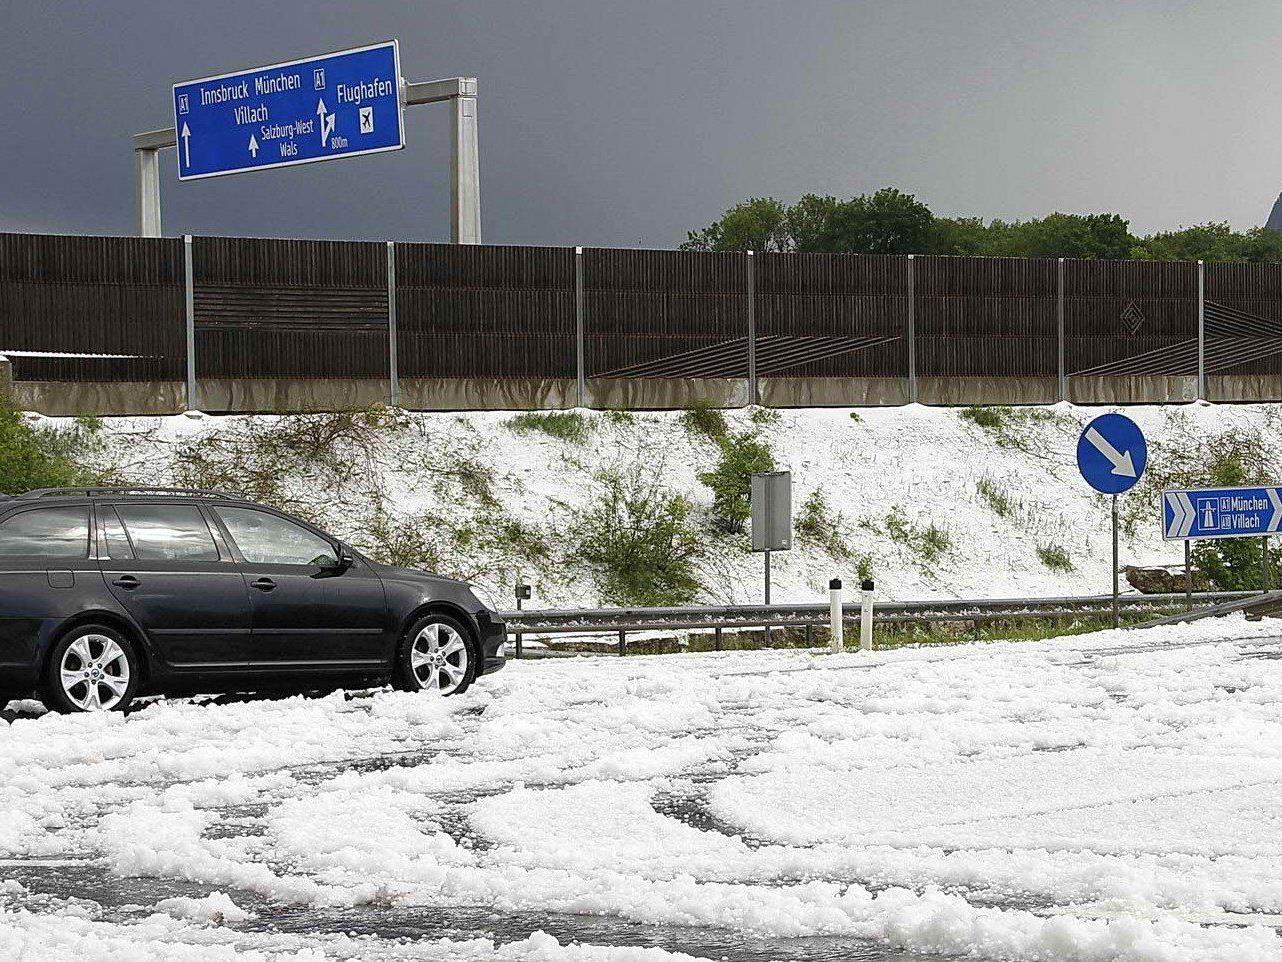 Bilder eines Unwetters mit Hagel in Salzburg vom Mai 2013.